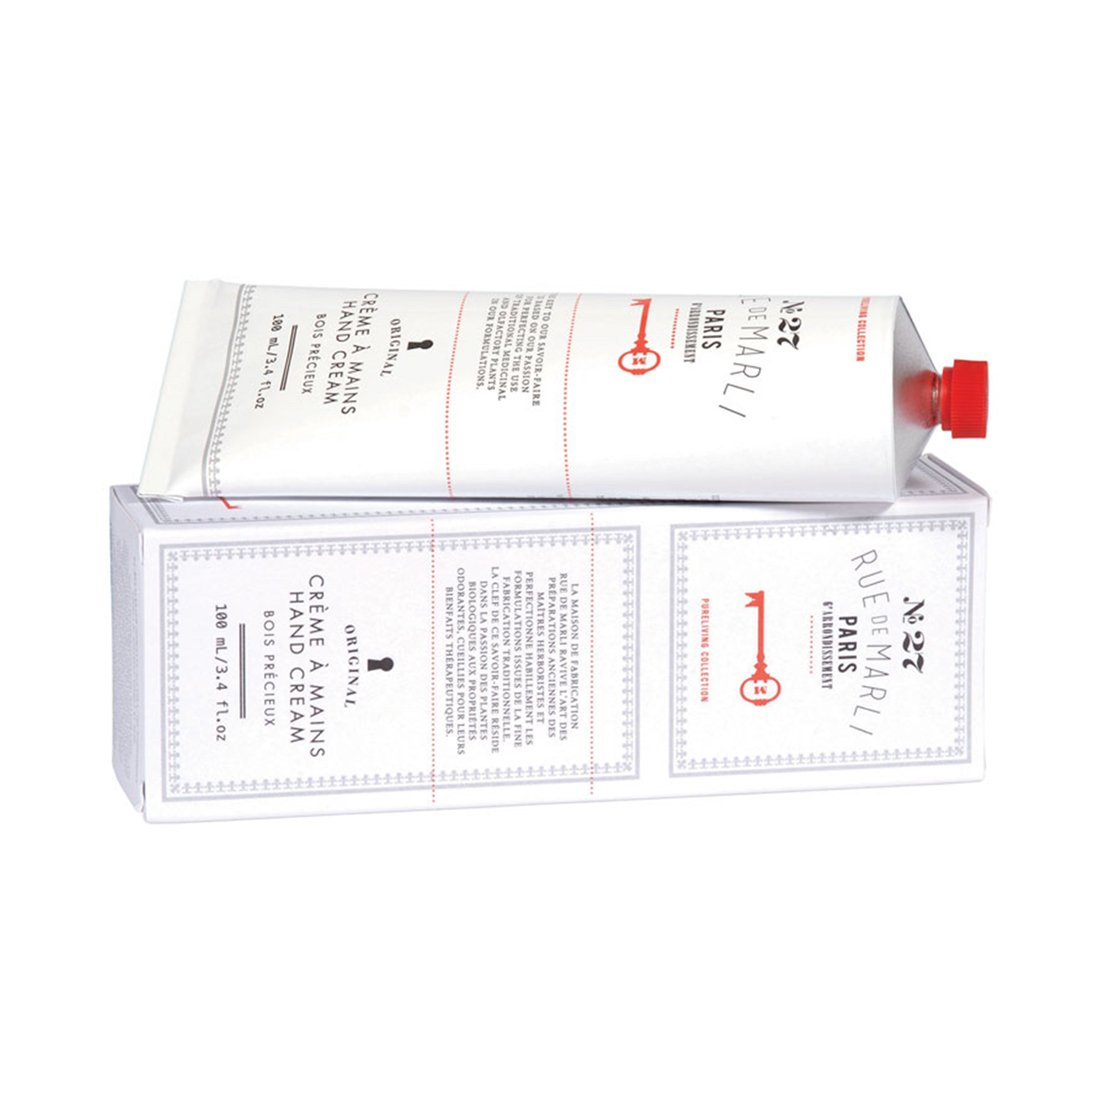 RUE DE MARLI Hand cream, M27-HC, 3.38 Fluid Ounce AROMASOURCE INC